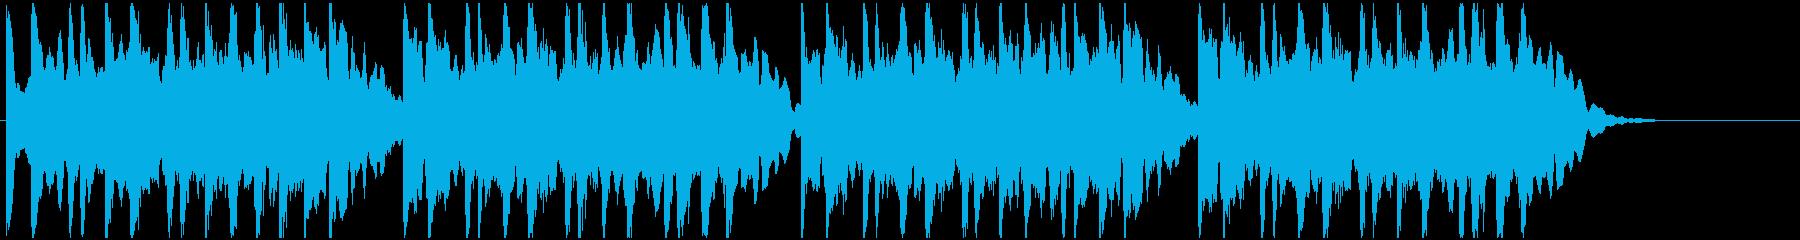 蛍の光のベルの再生済みの波形